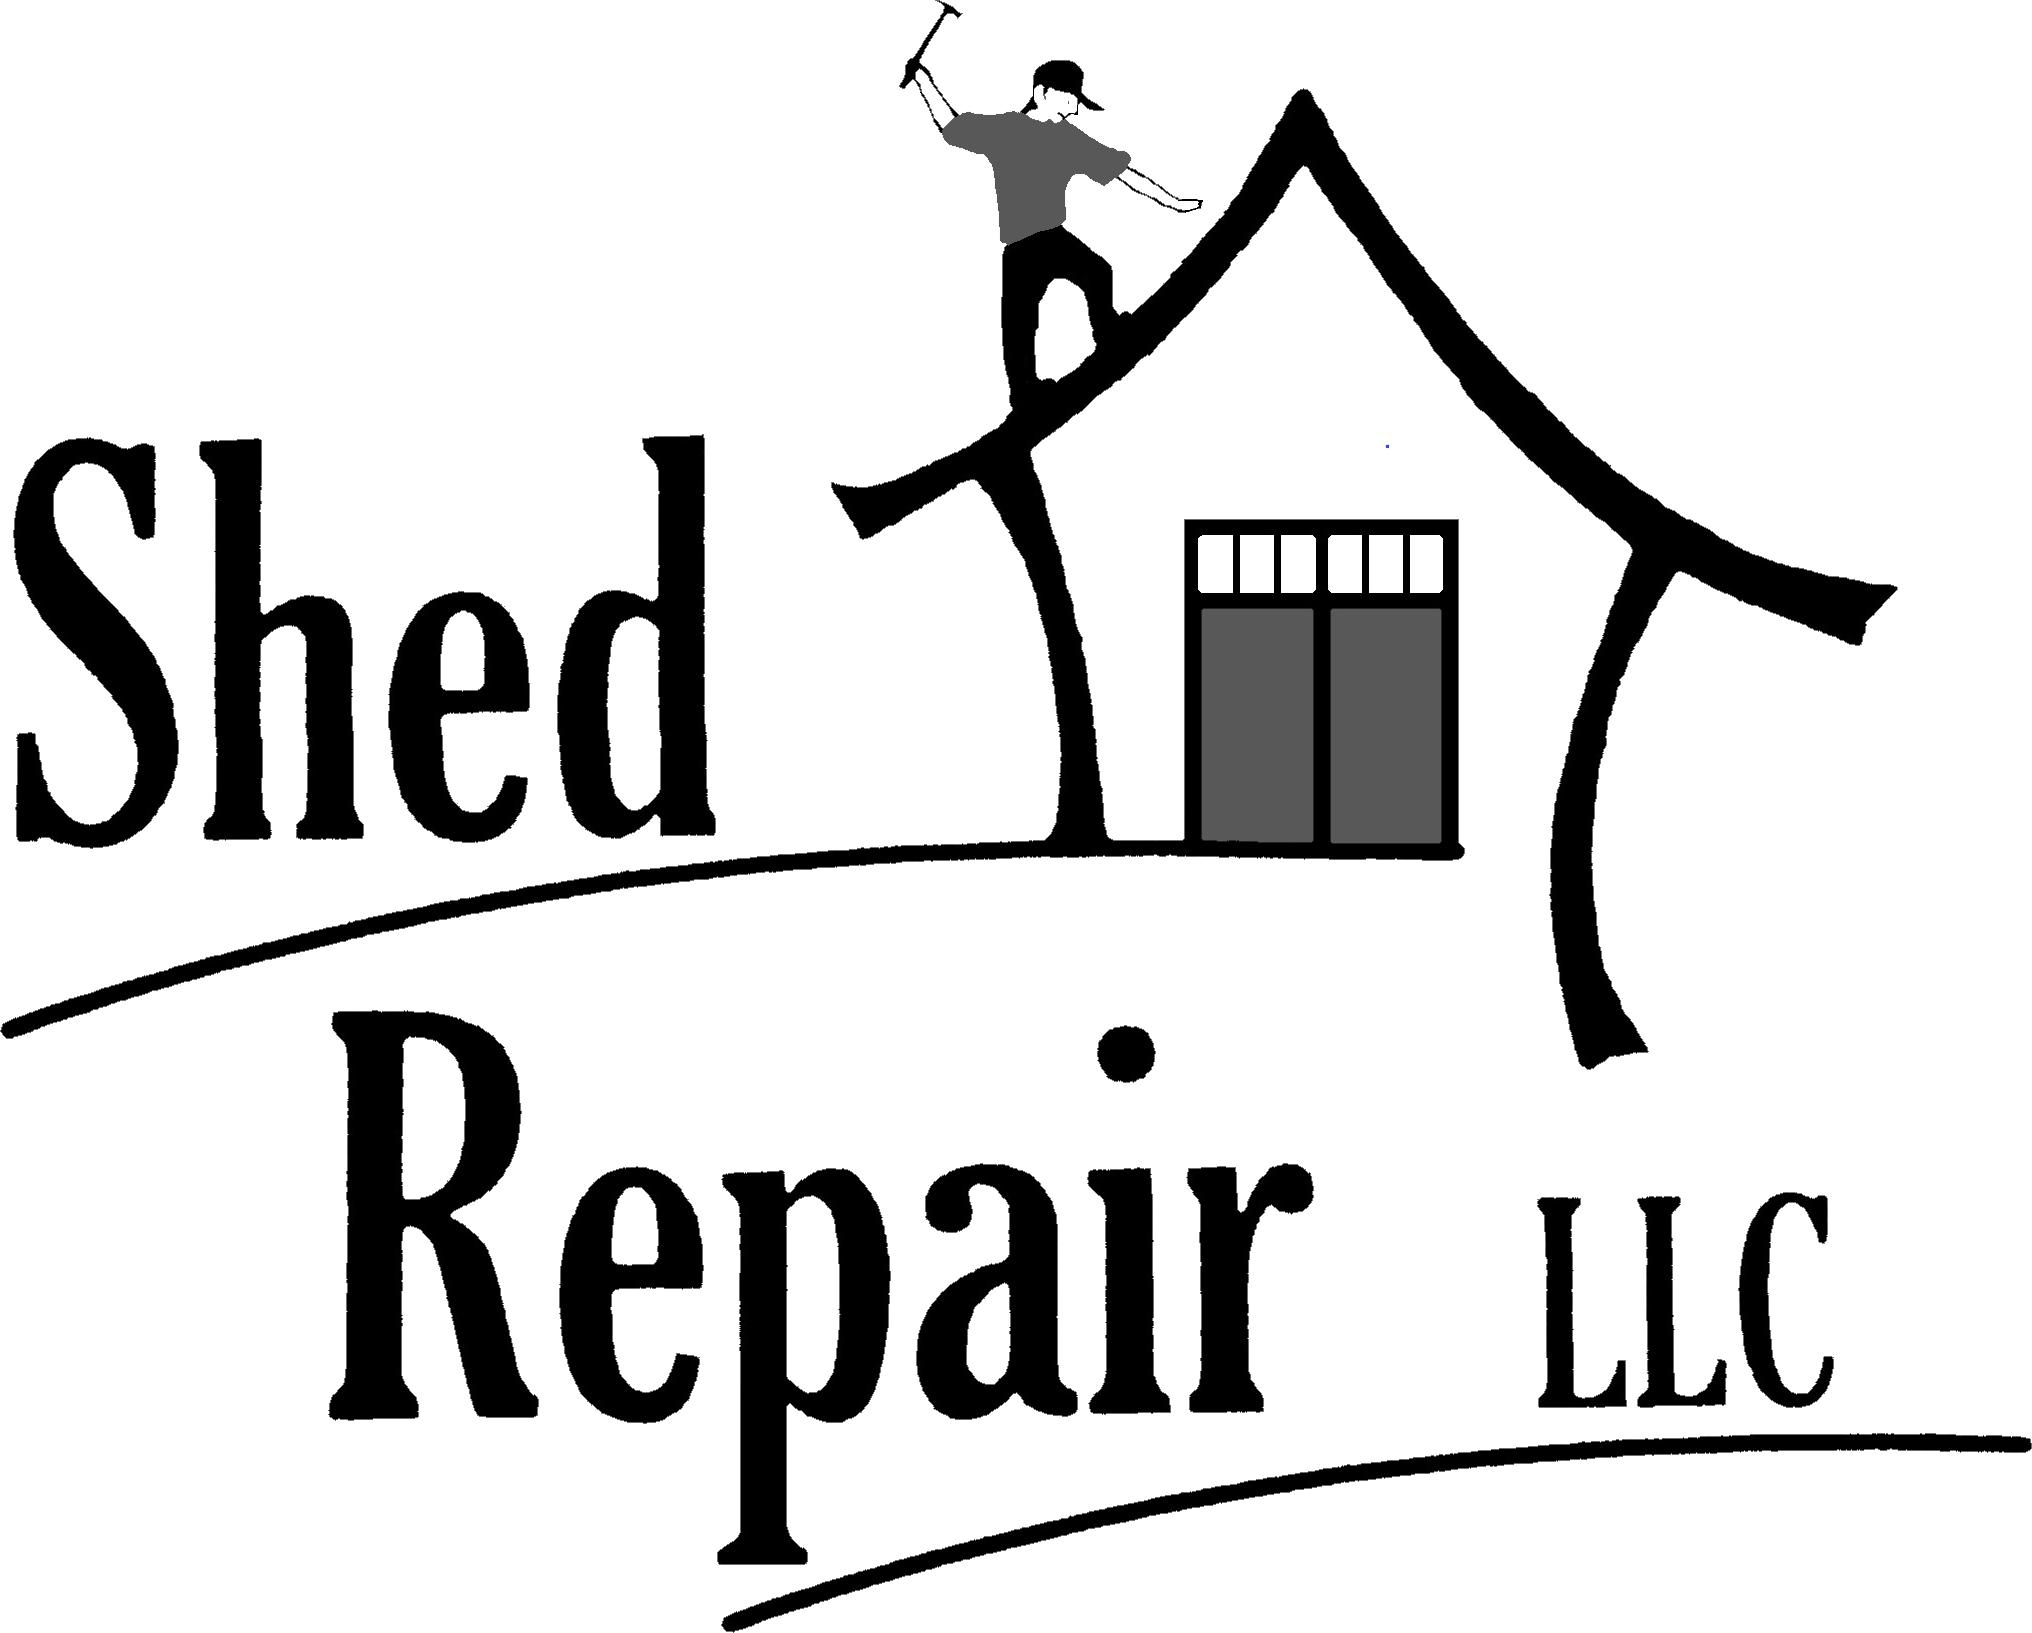 Shed Repair LLC